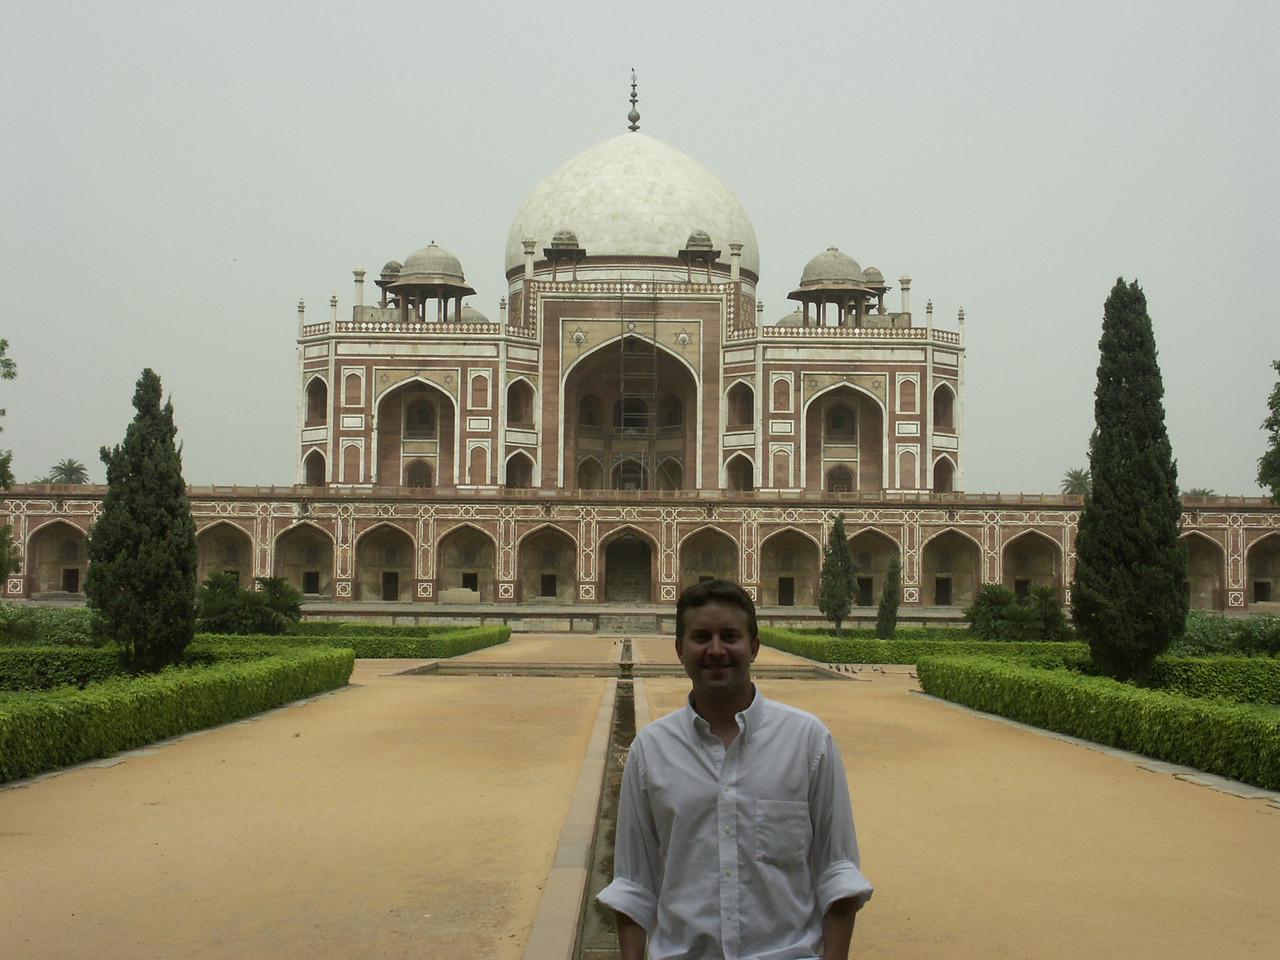 Delhi, India Humayun's Tomb